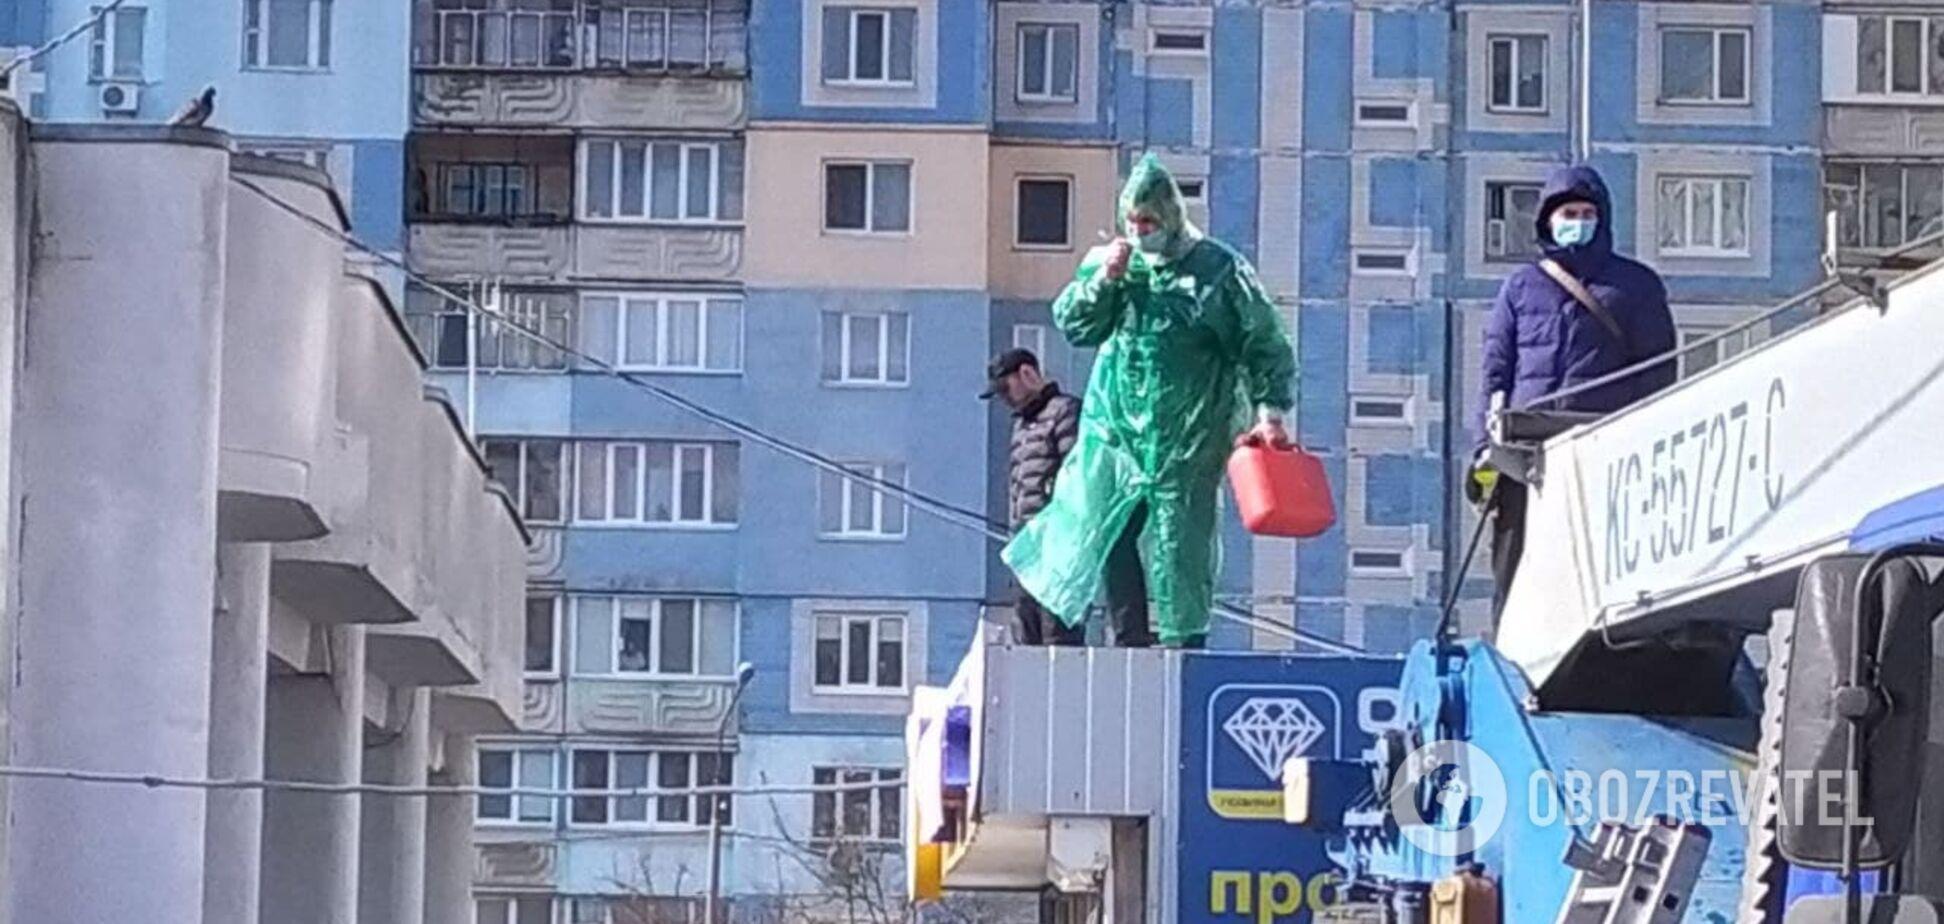 Війна за кіоски: в Києві чоловік погрожував себе підпалити і поливав бензином все навколо – реакція КМДА. Відео